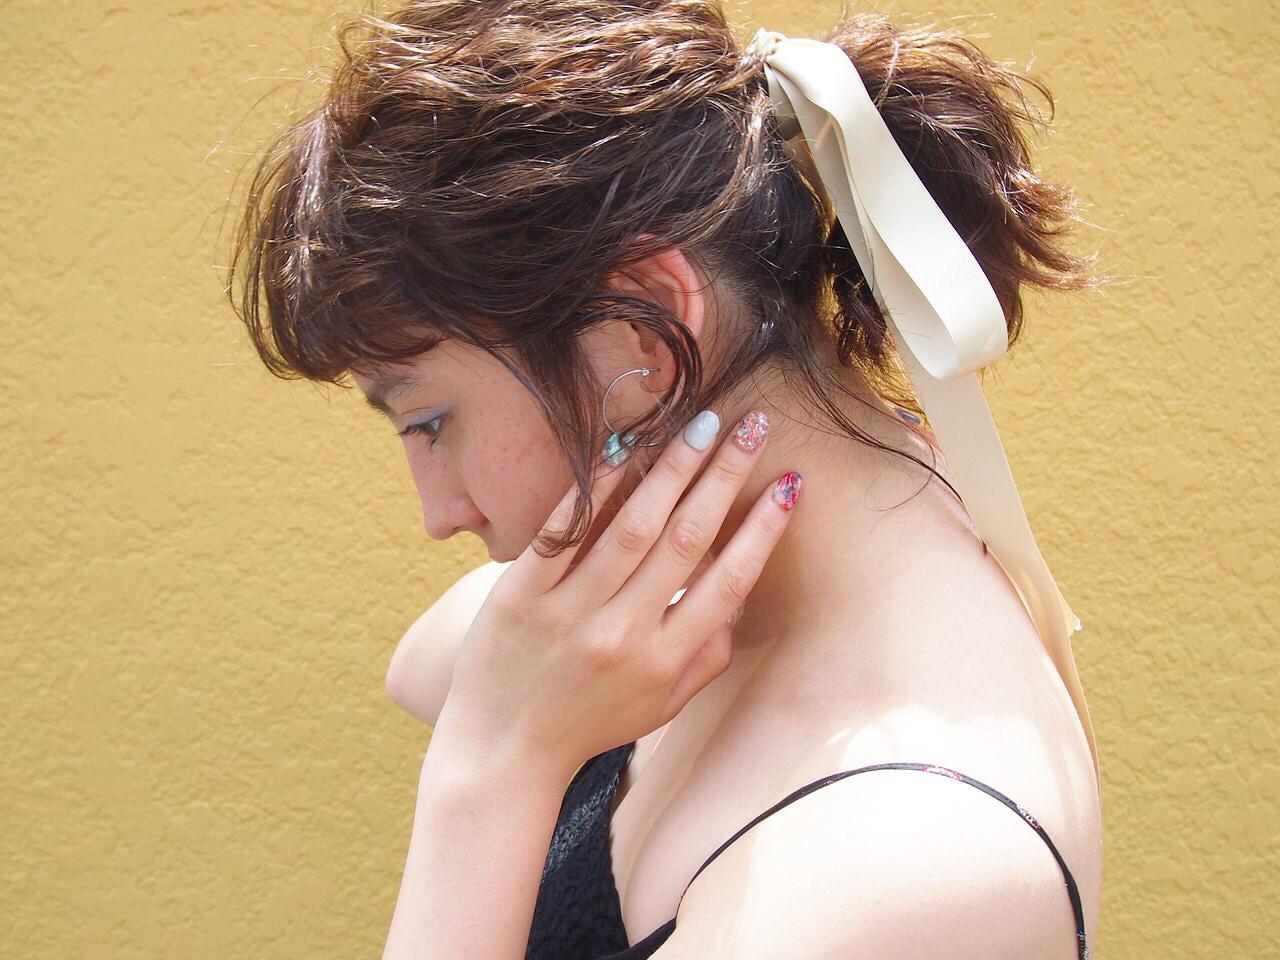 リボンやスカーフでオシャレさをさらにアップ! Rie Akita